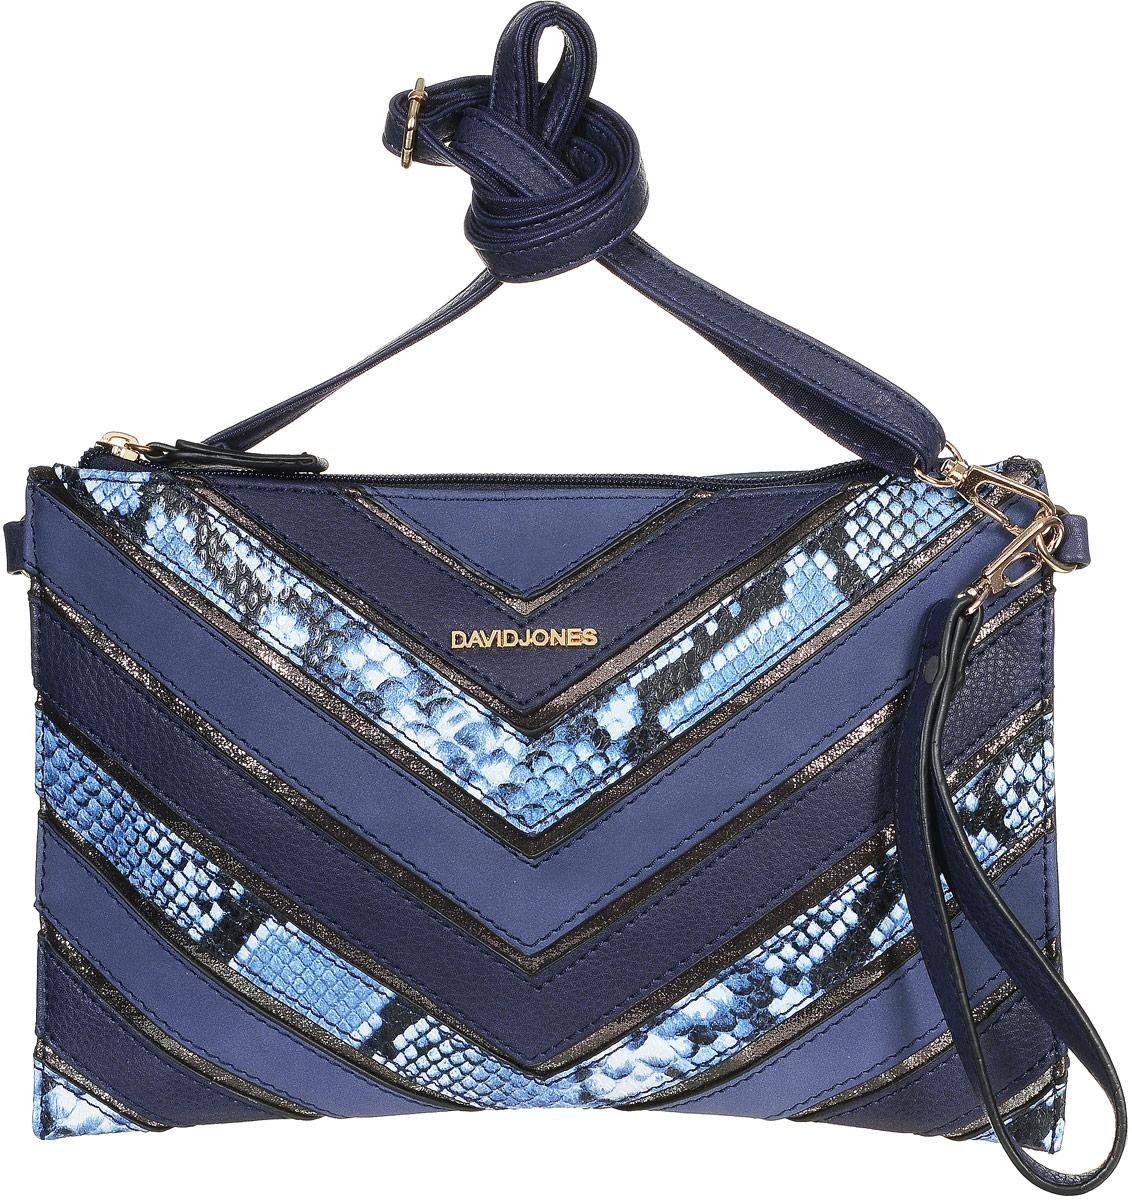 Сумка-клатч женская David Jones, цвет: темно-синий, синий, белый. 5202-15202-1 D/BLUEСтильная женская сумка-клатч David Jones изготовлена из искусственной кожи. Изделие имеет одно основное отделение, которое застегивается на застежку-молнию. Внутри изделия расположены накладной открытый карман и прорезной карман на застежке-молнии. Сумка оснащена съемным регулируемым плечевым ремнем и съемным ремешком на запястье. Роскошная сумка-клатч внесет элегантные нотки в ваш образ и подчеркнет ваше отменное чувство стиля.